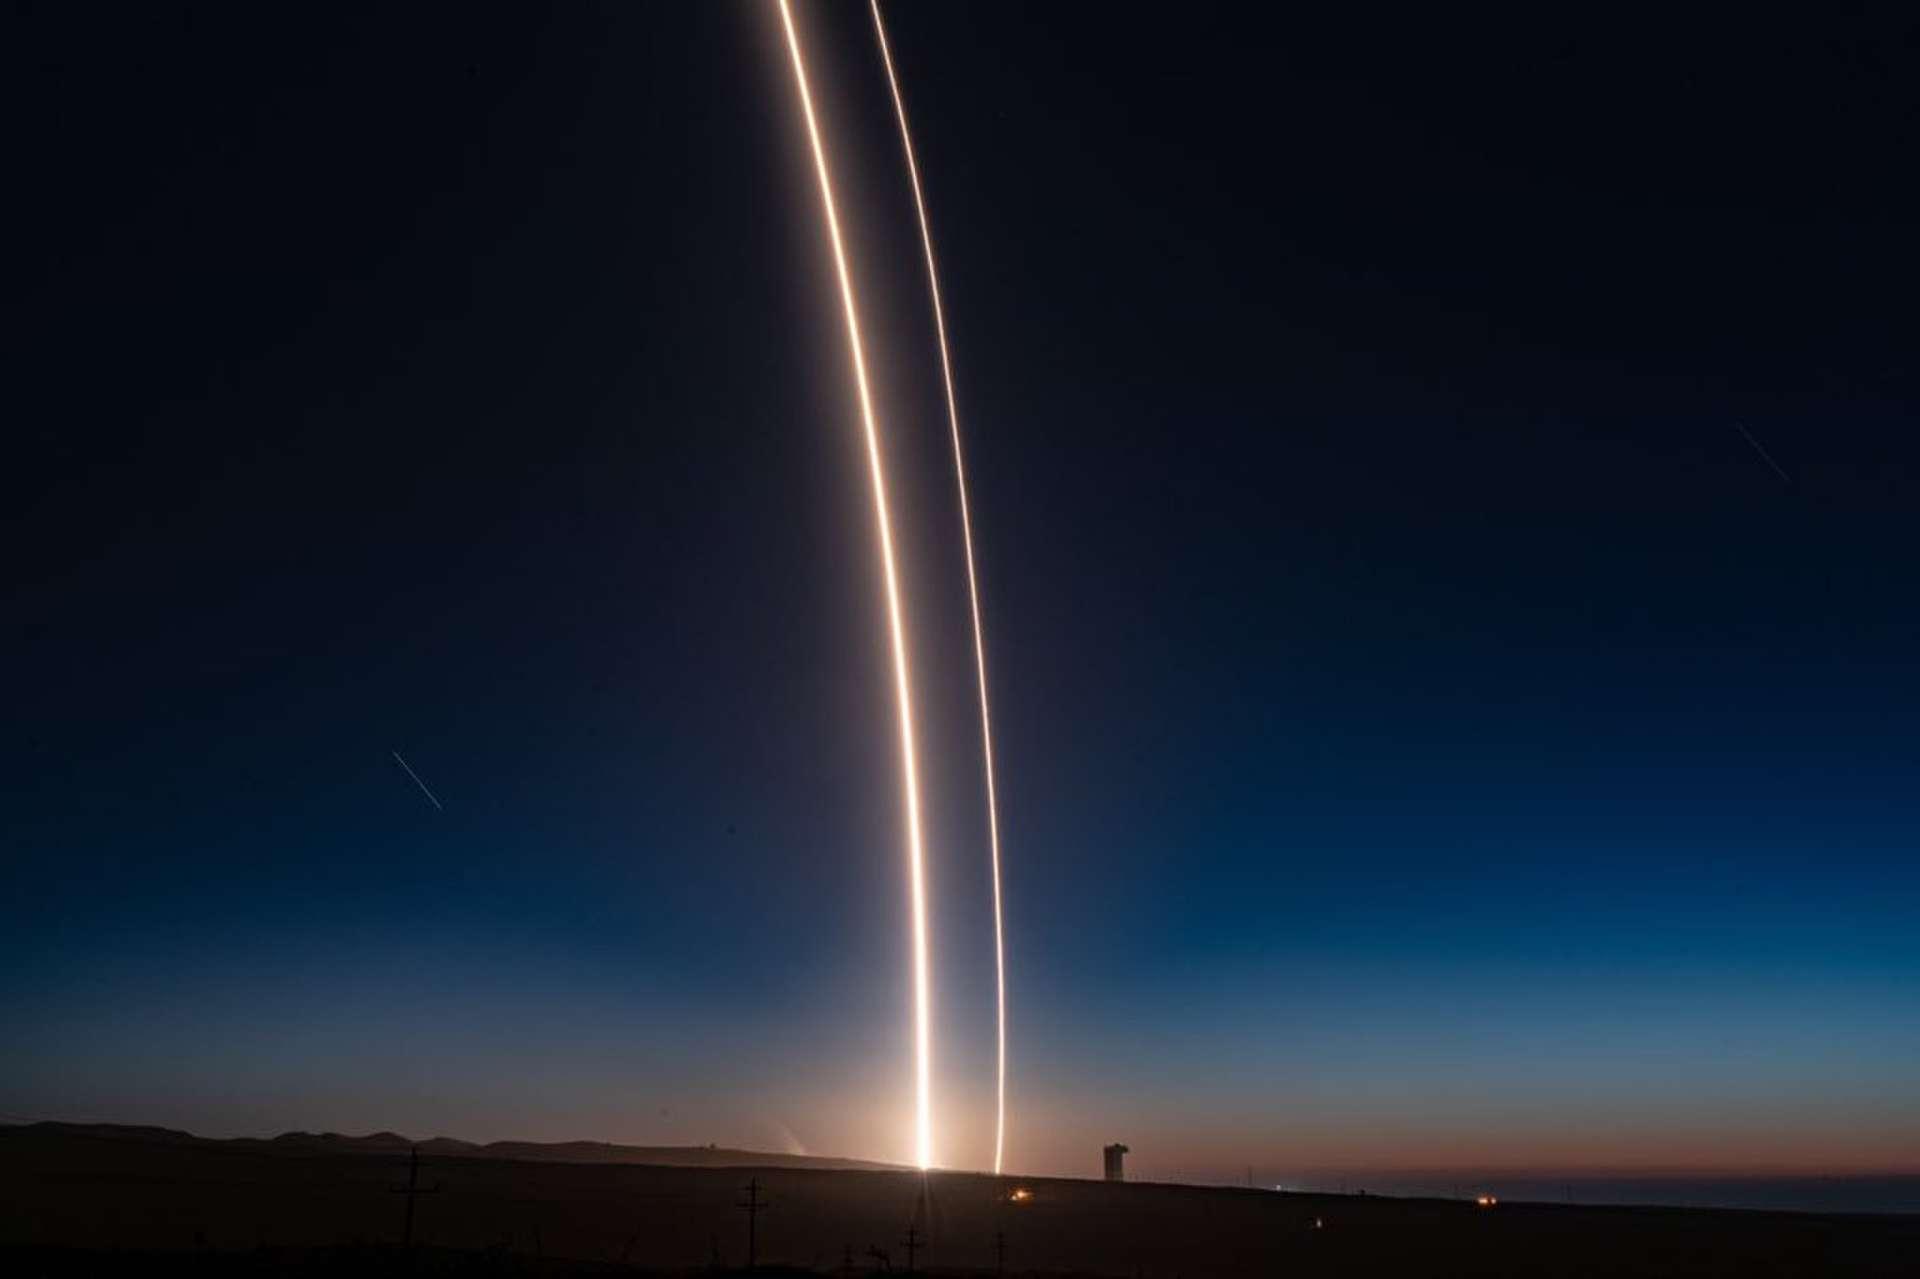 Lancement et atterrissage réussis pour SpaceX, ce dimanche 7 octobre. © Elon Musk, SpaceX